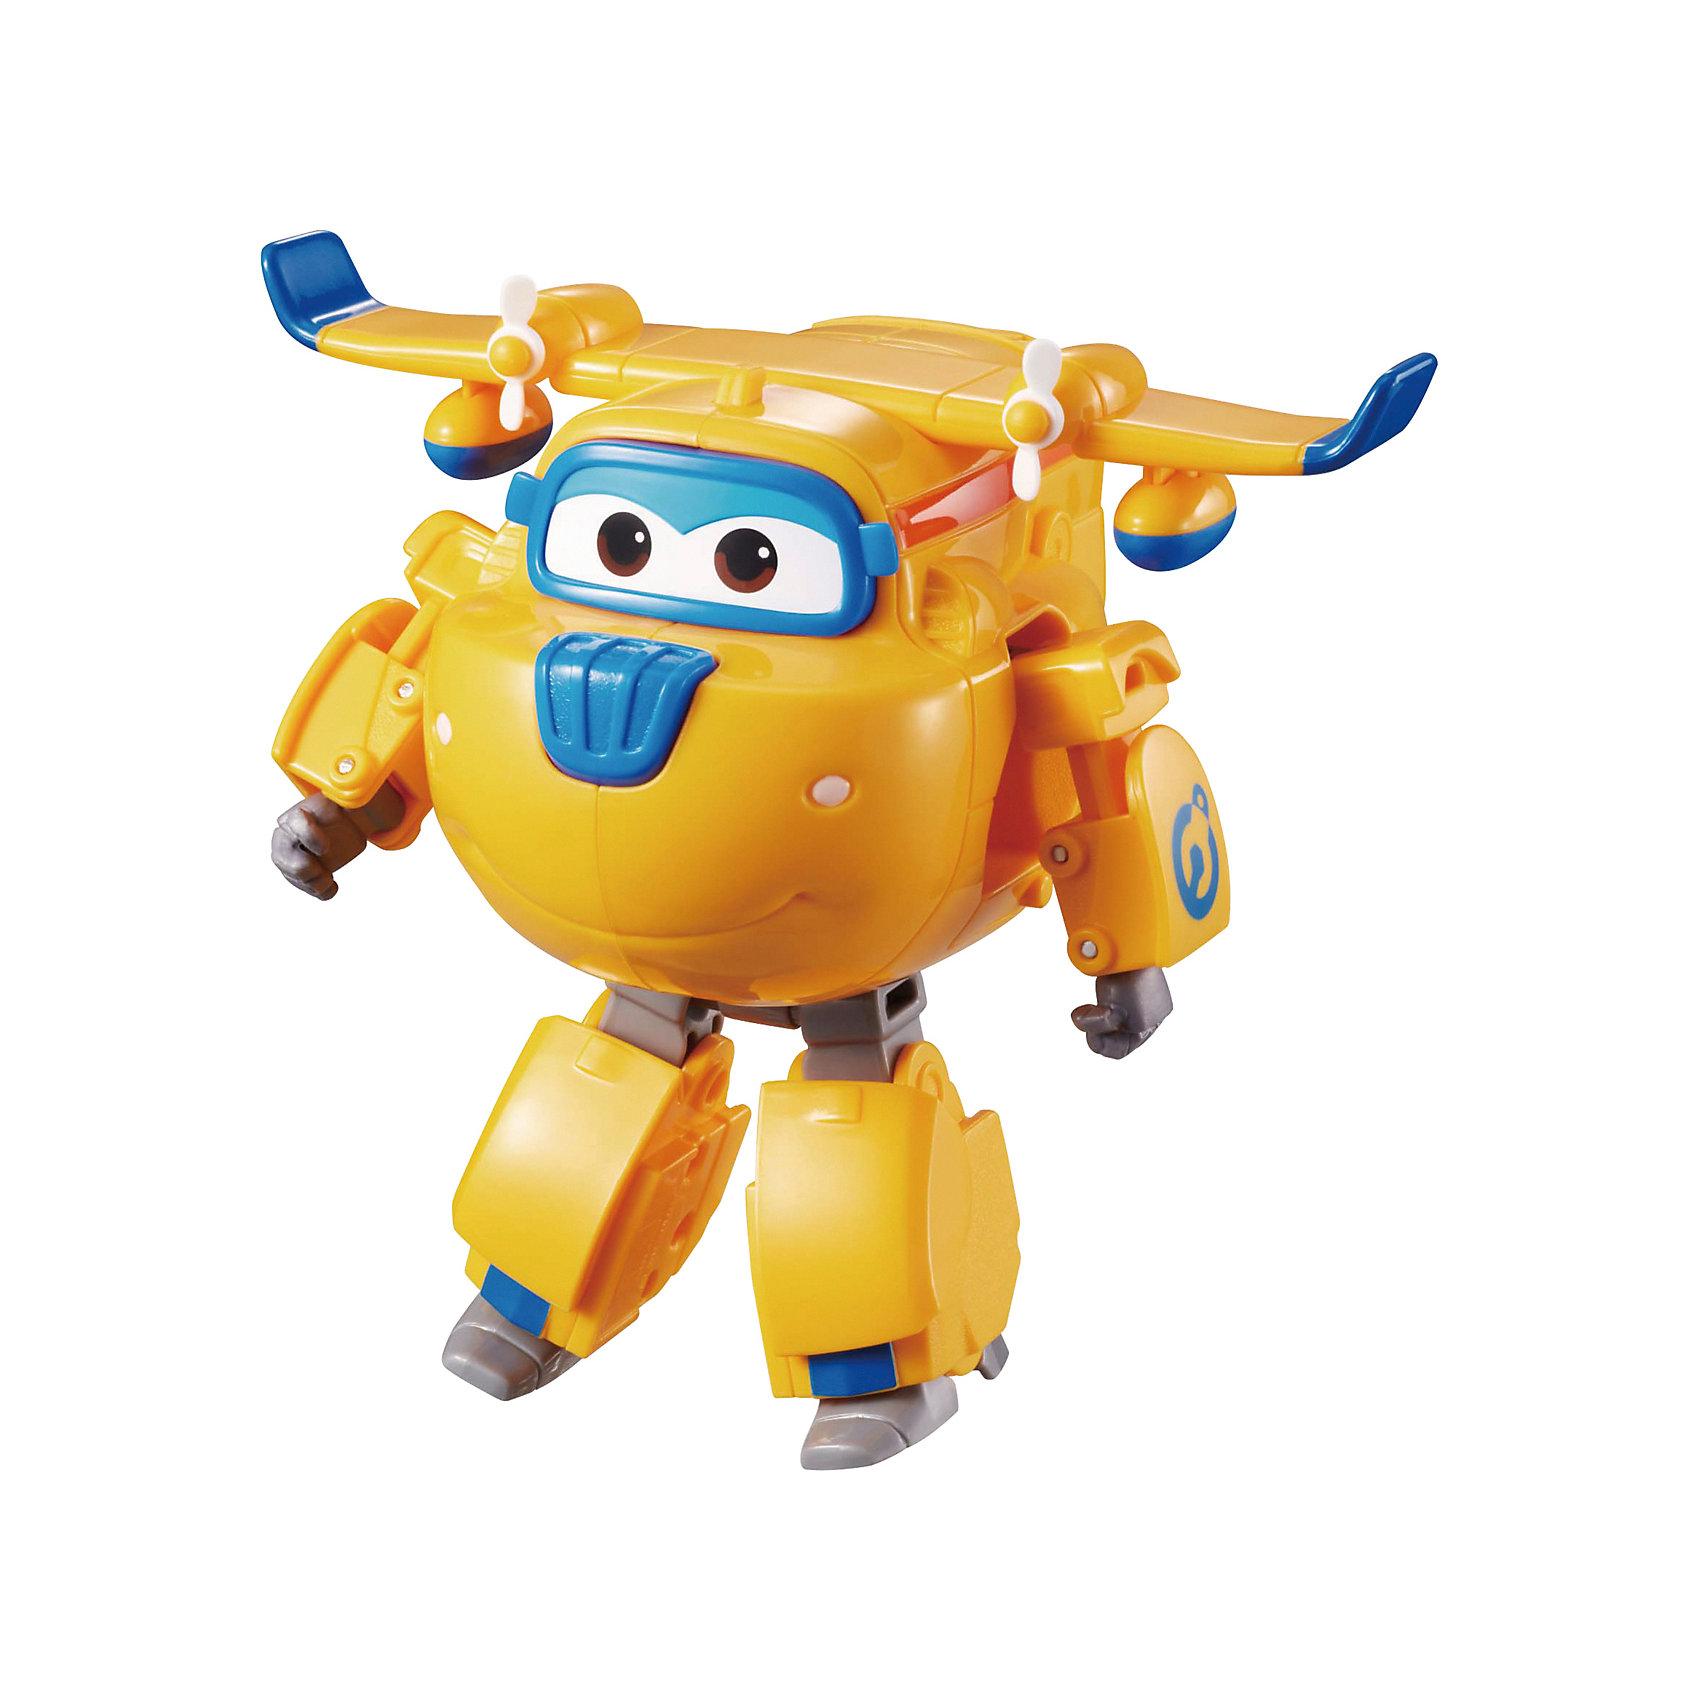 Трансформер Донни, Супер КрыльяКакой ребенок не любит самолеты!? Сделать игру ярче и увлекательнее поможет герой популярного мультфильма Супер Крылья, любимого детьми. Игрушка всего за несколько мгновений трансформируется из самолета в робота. К нему можно также фигурки-трансформеры заказать друзей из этого мультфильма! Компактный размер позволит ребенку брать игрушку с собой в гости или на прогулку.                <br>Этот трансформер обязательно порадует ребенка! Игры с ним также помогают детям развивать воображение, логику, мелкую моторику и творческое мышление. Самолет сделан из качественных и безопасных для ребенка материалов.<br><br>Дополнительная информация:<br><br>цвет: разноцветный;<br>размер упаковки: 13 х 16 х 7 см;<br>вес: 400 г;<br>материал: пластик.<br><br>Игрушку Трансформер Донни можно купить в нашем магазине.<br><br>Ширина мм: 130<br>Глубина мм: 160<br>Высота мм: 70<br>Вес г: 400<br>Возраст от месяцев: 36<br>Возраст до месяцев: 2147483647<br>Пол: Мужской<br>Возраст: Детский<br>SKU: 4918780